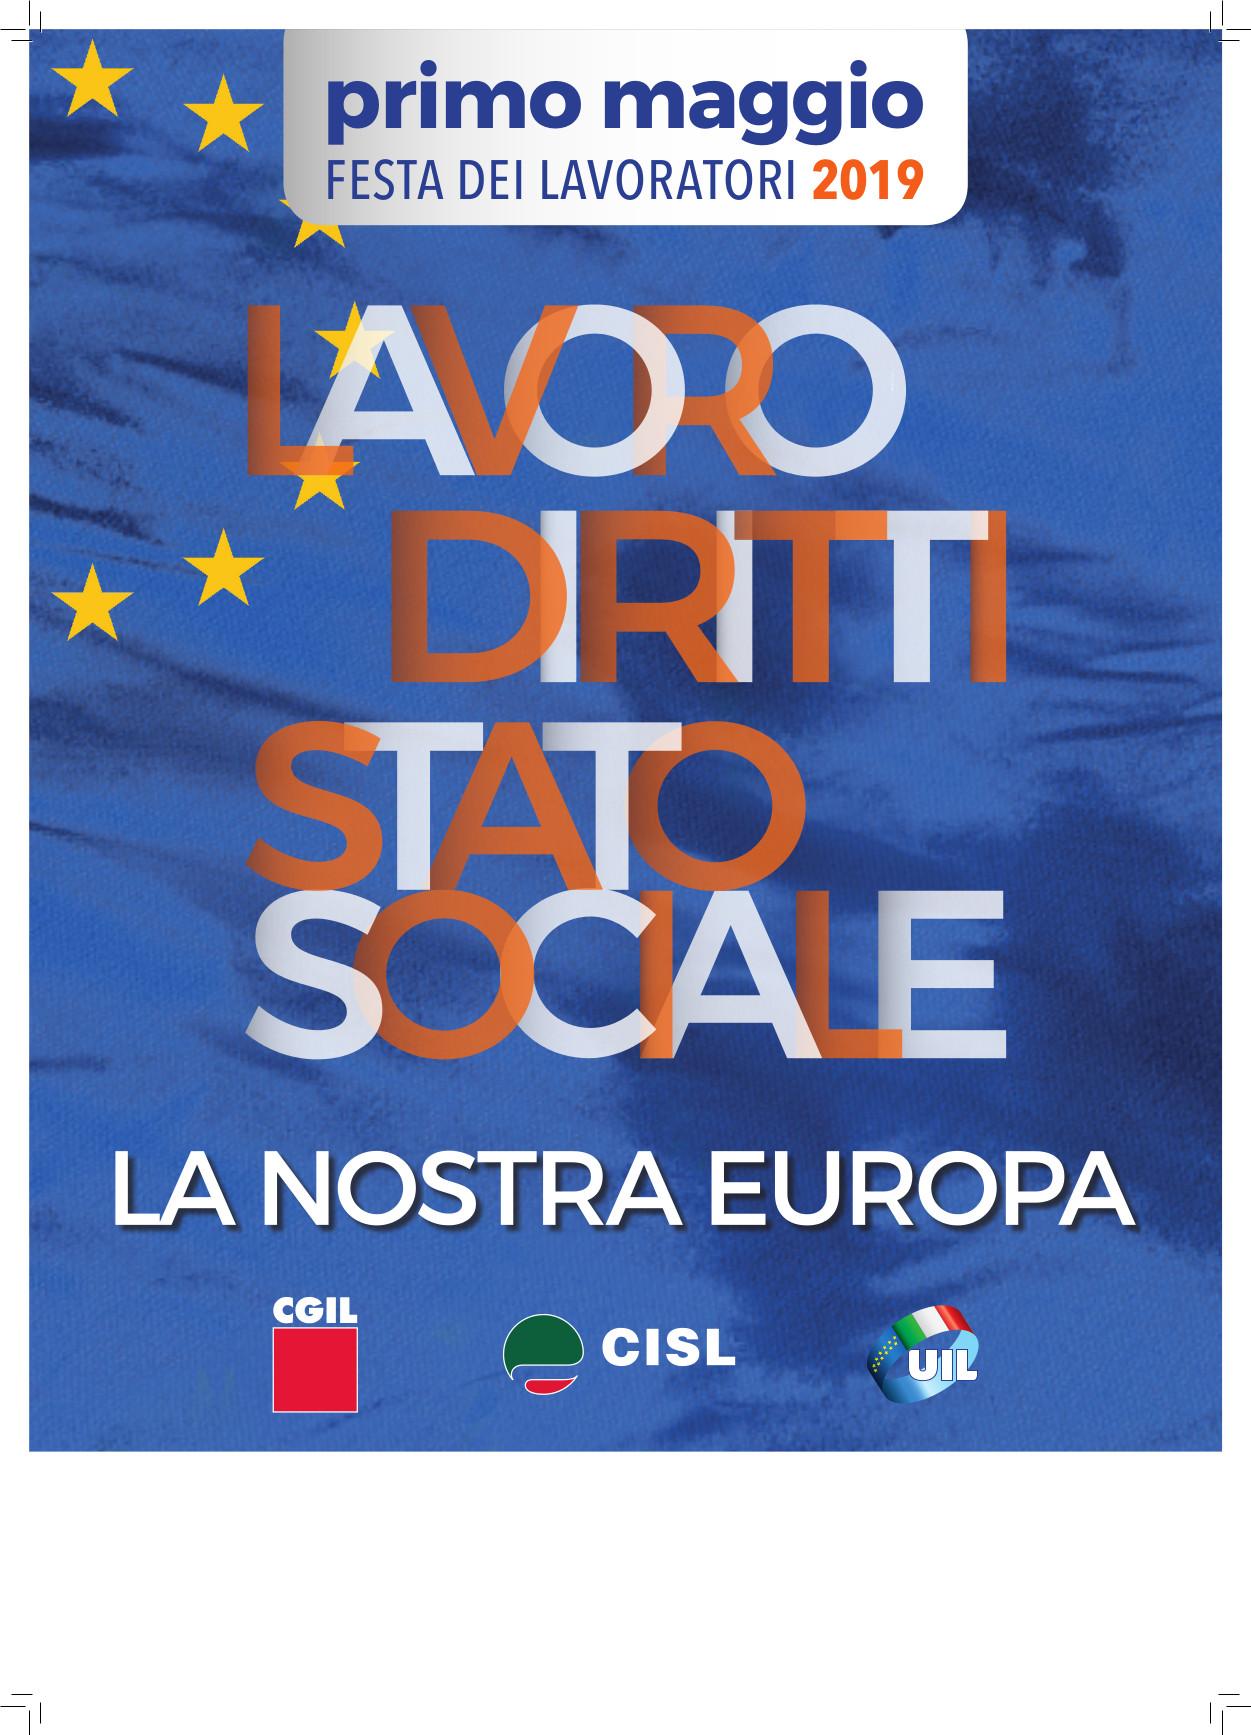 la Cgil alla manifestazione del Primo Maggio a Bologna | CGIL